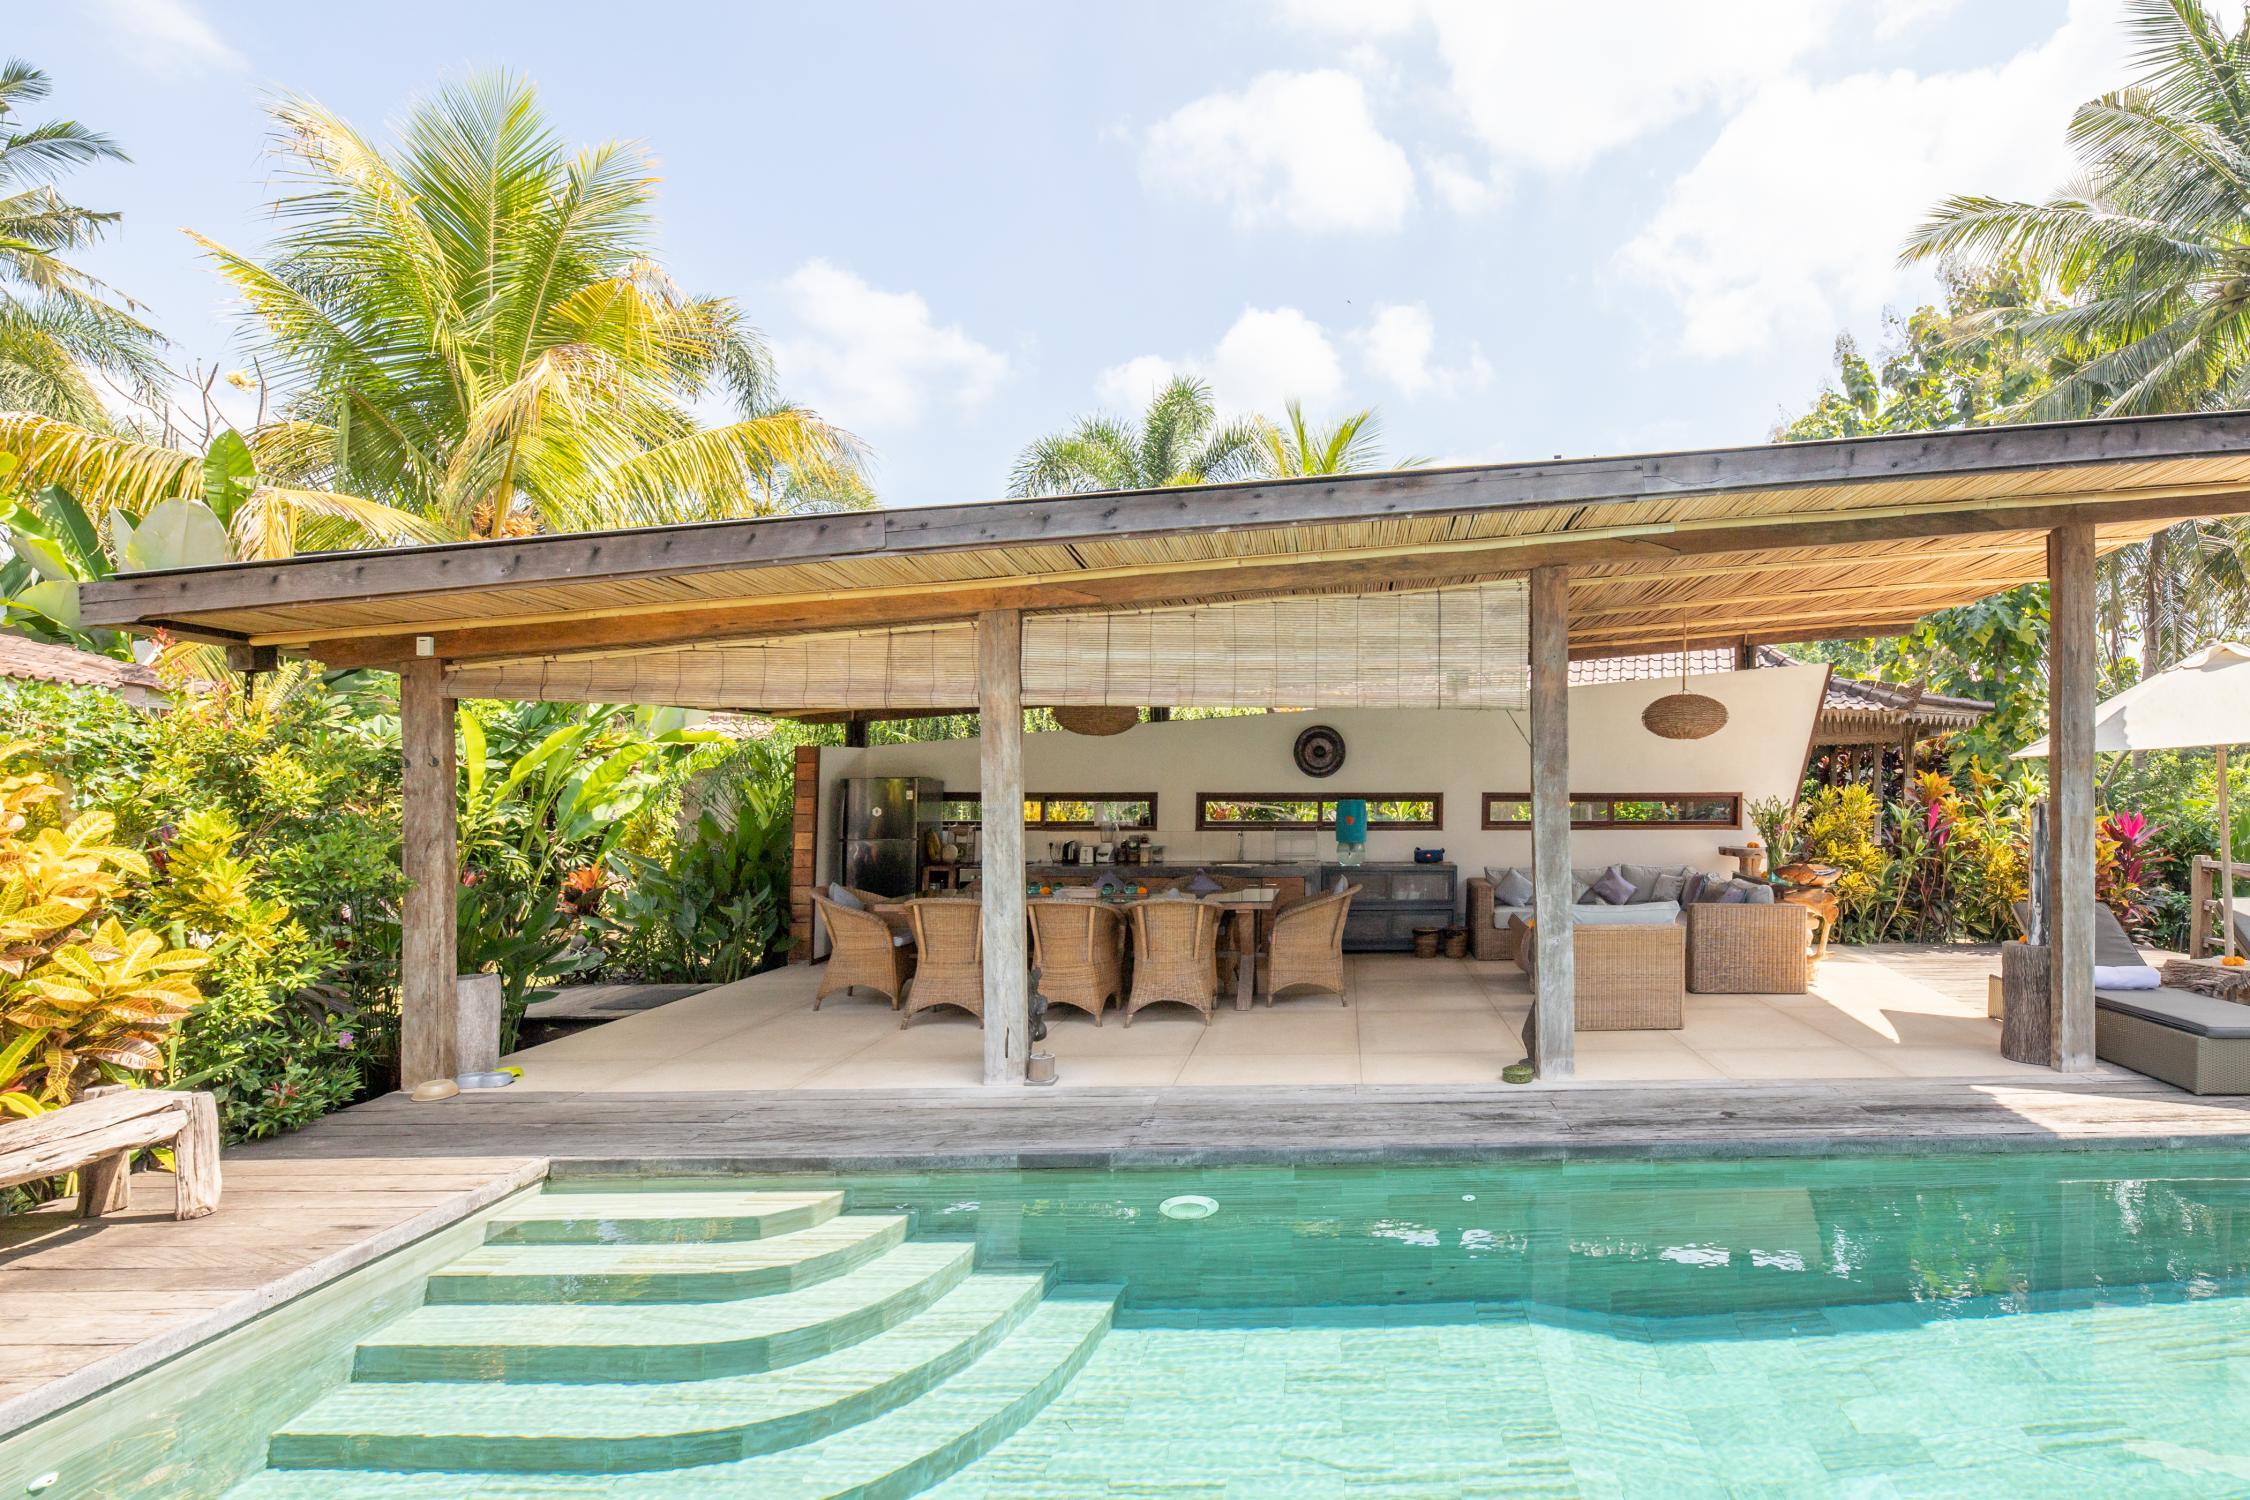 Full Size of Bali Bett Outdoor Kaufen Https Rooms Plus 5981894 Himmel Mit Bettkasten 140x200 Clinique Even Better Poco Amerikanische Betten Lattenrost 200x200 Weiß Wohnzimmer Bali Bett Outdoor